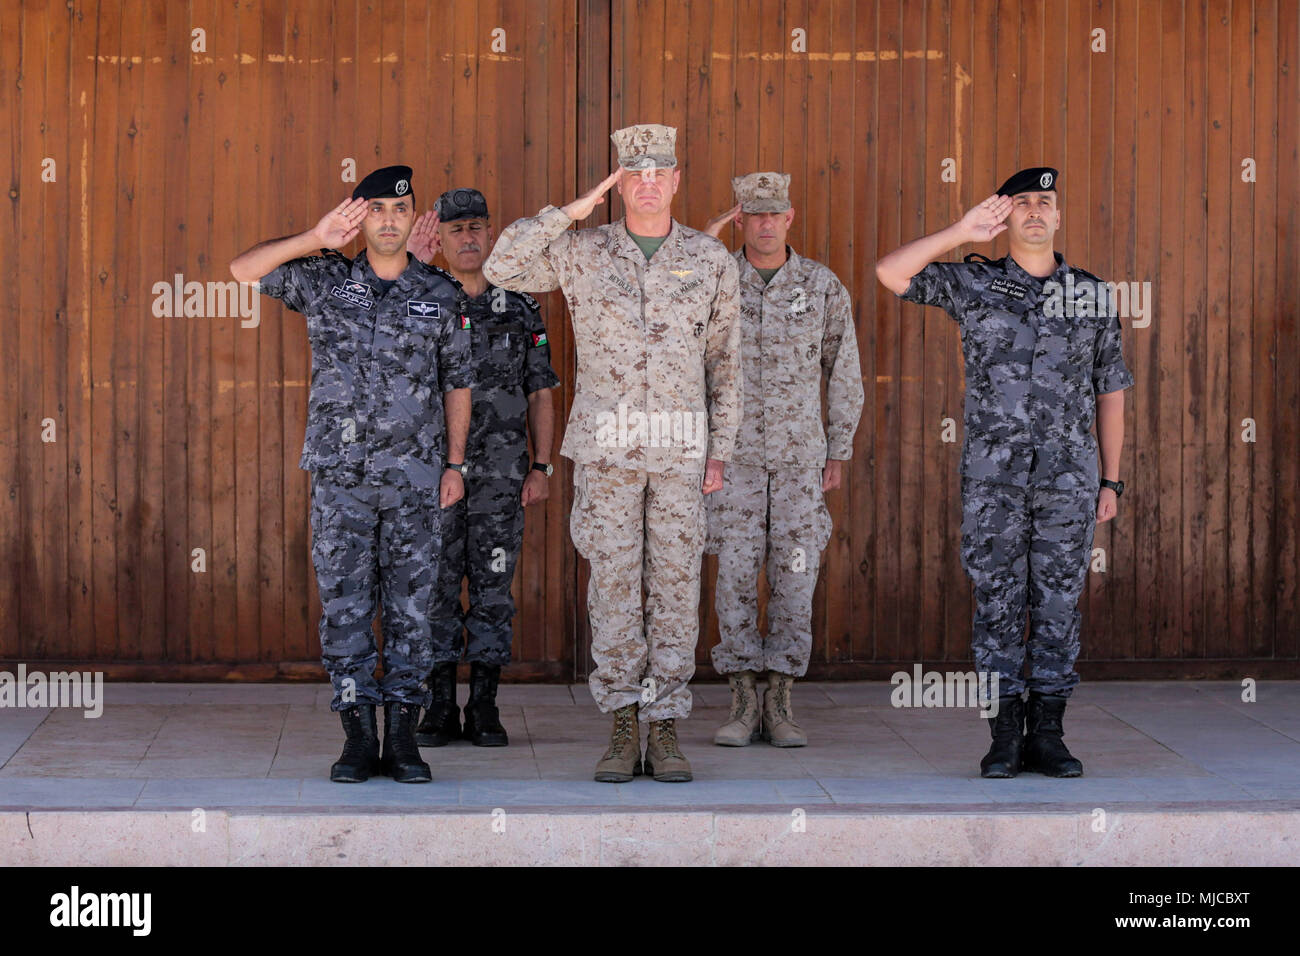 info for e030d 32d92 ROYAL JORDANIAN NAVAL BASE, Jordan - U.S. Marine Lt. Gen. William D.  Beydler (center, left), commander of Marine Corps Forces – Central Command,  and Brig.